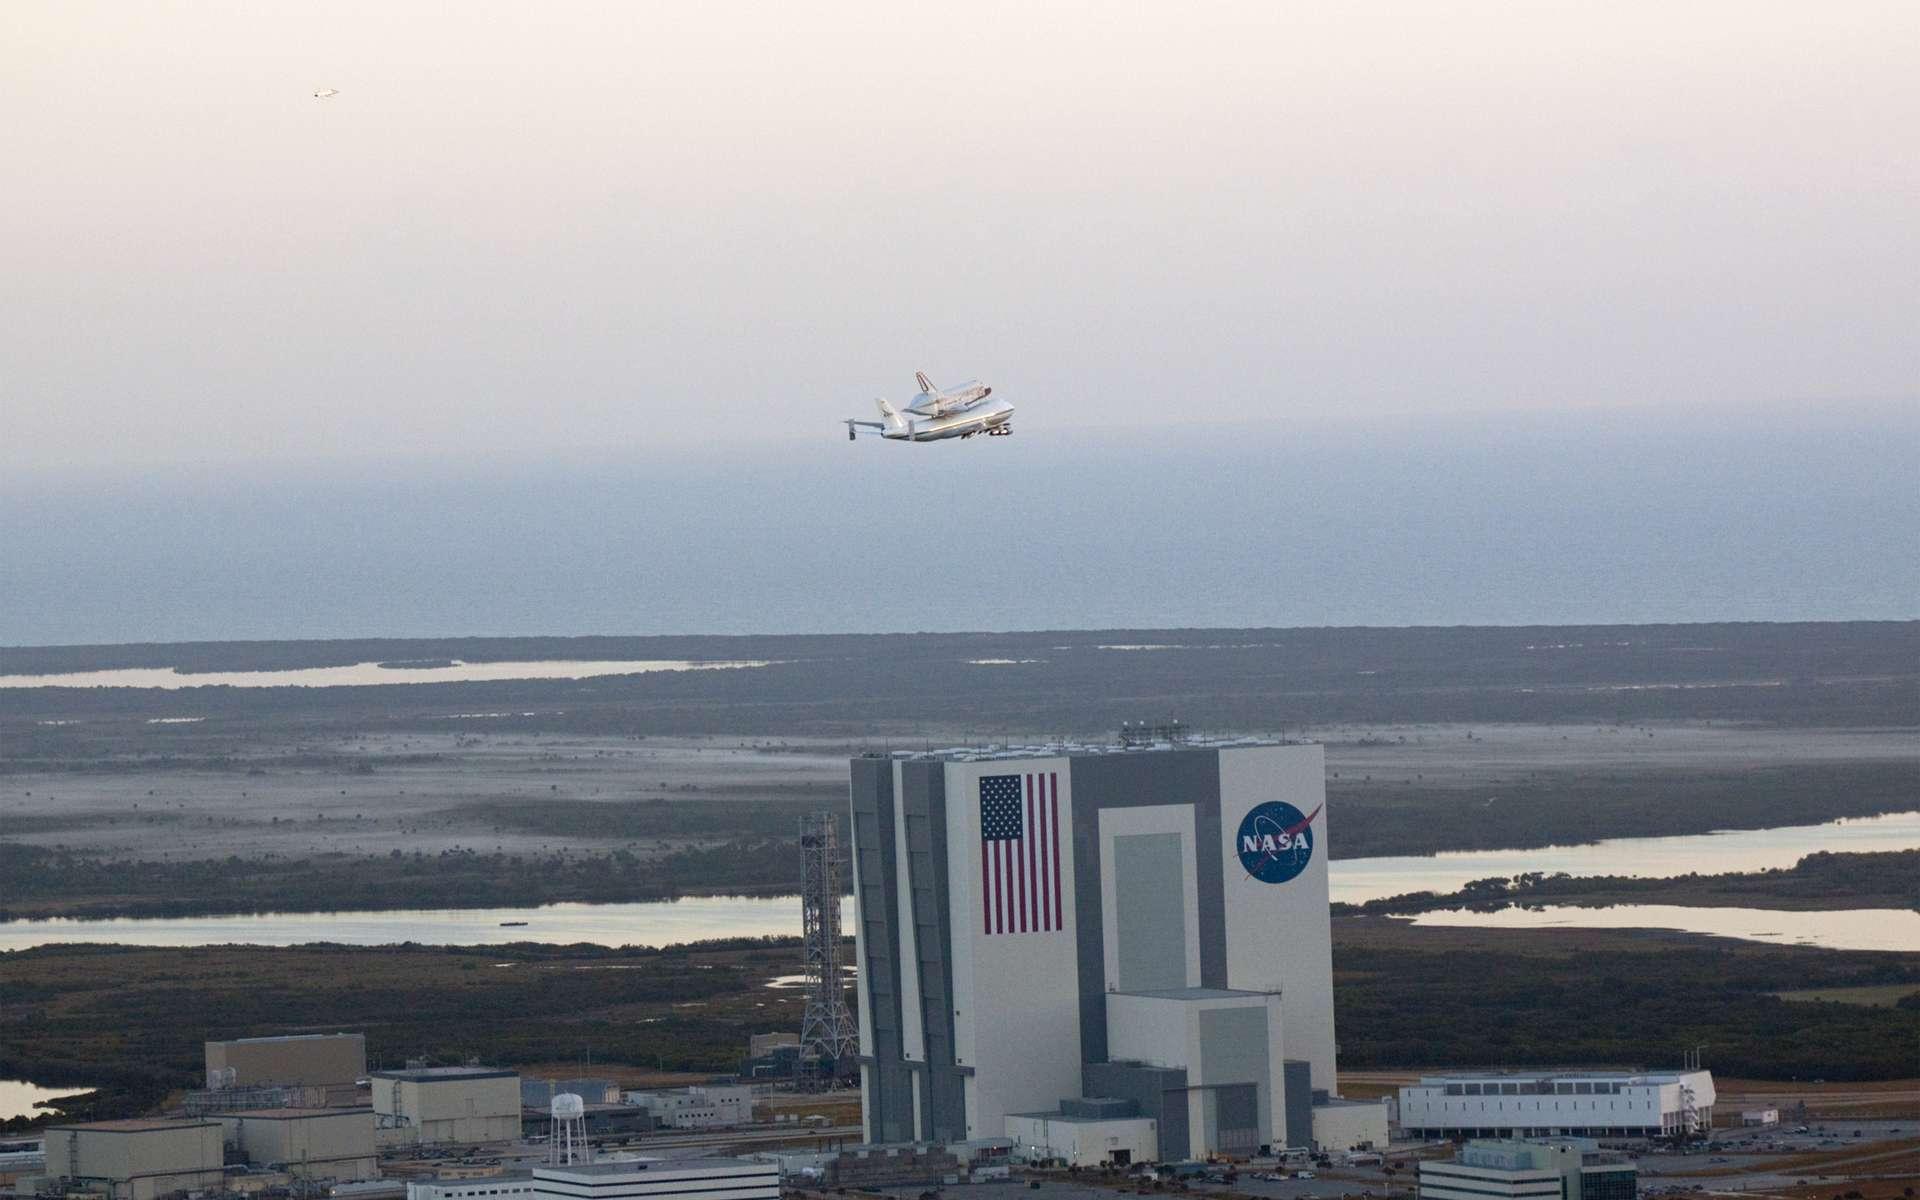 Discovery quitte le Centre spatial Kennedy et sera exposée au Musée national de l'air et de l'espace Smithsonian. © Nasa/Glenn Benson